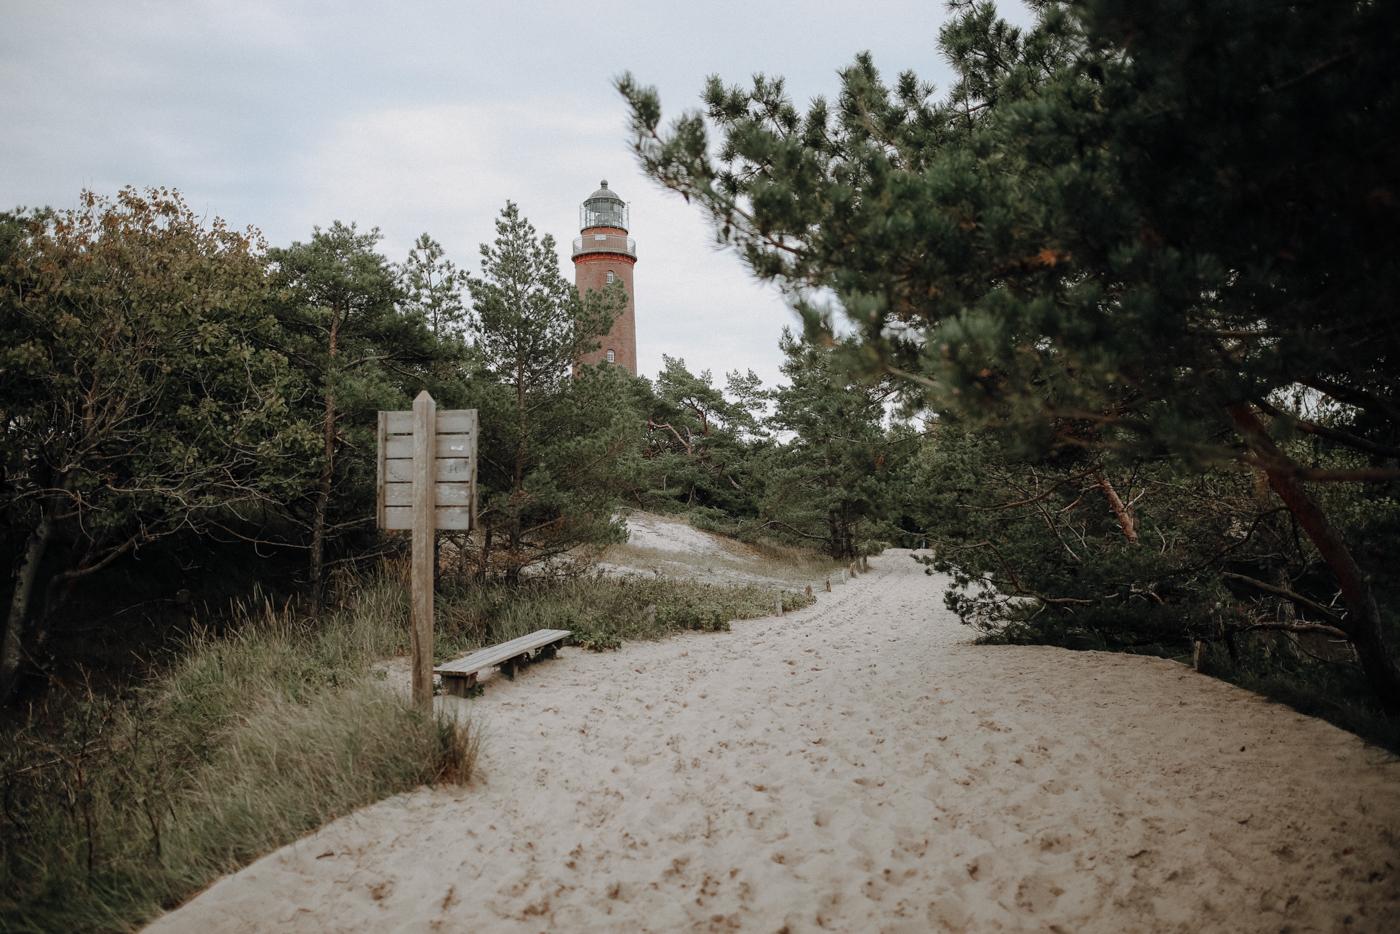 Die Tage des Leuchtturms sind gezählt Seit etwa 1952 geht vor dem Darßer Ort jährlich etwa ein Meter Land durch die natürliche Küstendynamik verloren. In etwa 50 Jahren wird das Meer den Leuchtturm erreichen und ihn nach und nach unterspülen. Unter dem Begriff der Küstendynamik versteht man die natürliche Abtragung von Landmassen an einer Stelle und deren Anlandung an einer anderen Stelle der Küste. Im Herbst und Frühling reicht manchmal sogar schon ein starker Sturm, um den Strand am Leuchtturm verschwinden und an einer anderen Stelle wieder anschwemmen zu lassen.